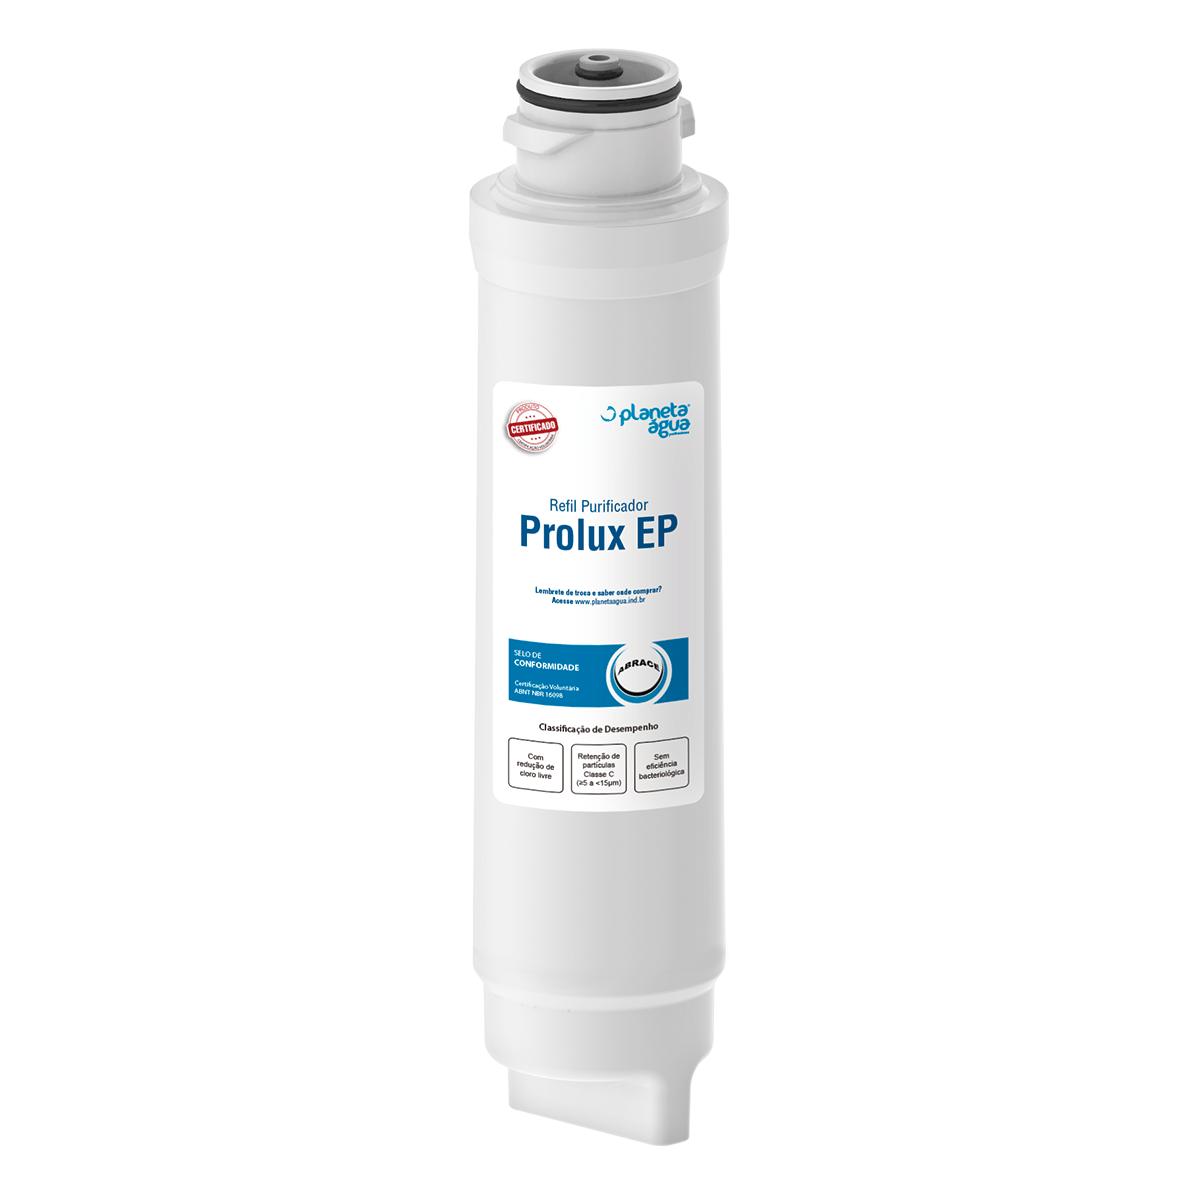 Refil Filtro Planeta Água Prolux EP para Purificador de Água Electrolux PE10B e PE10X - Compatível